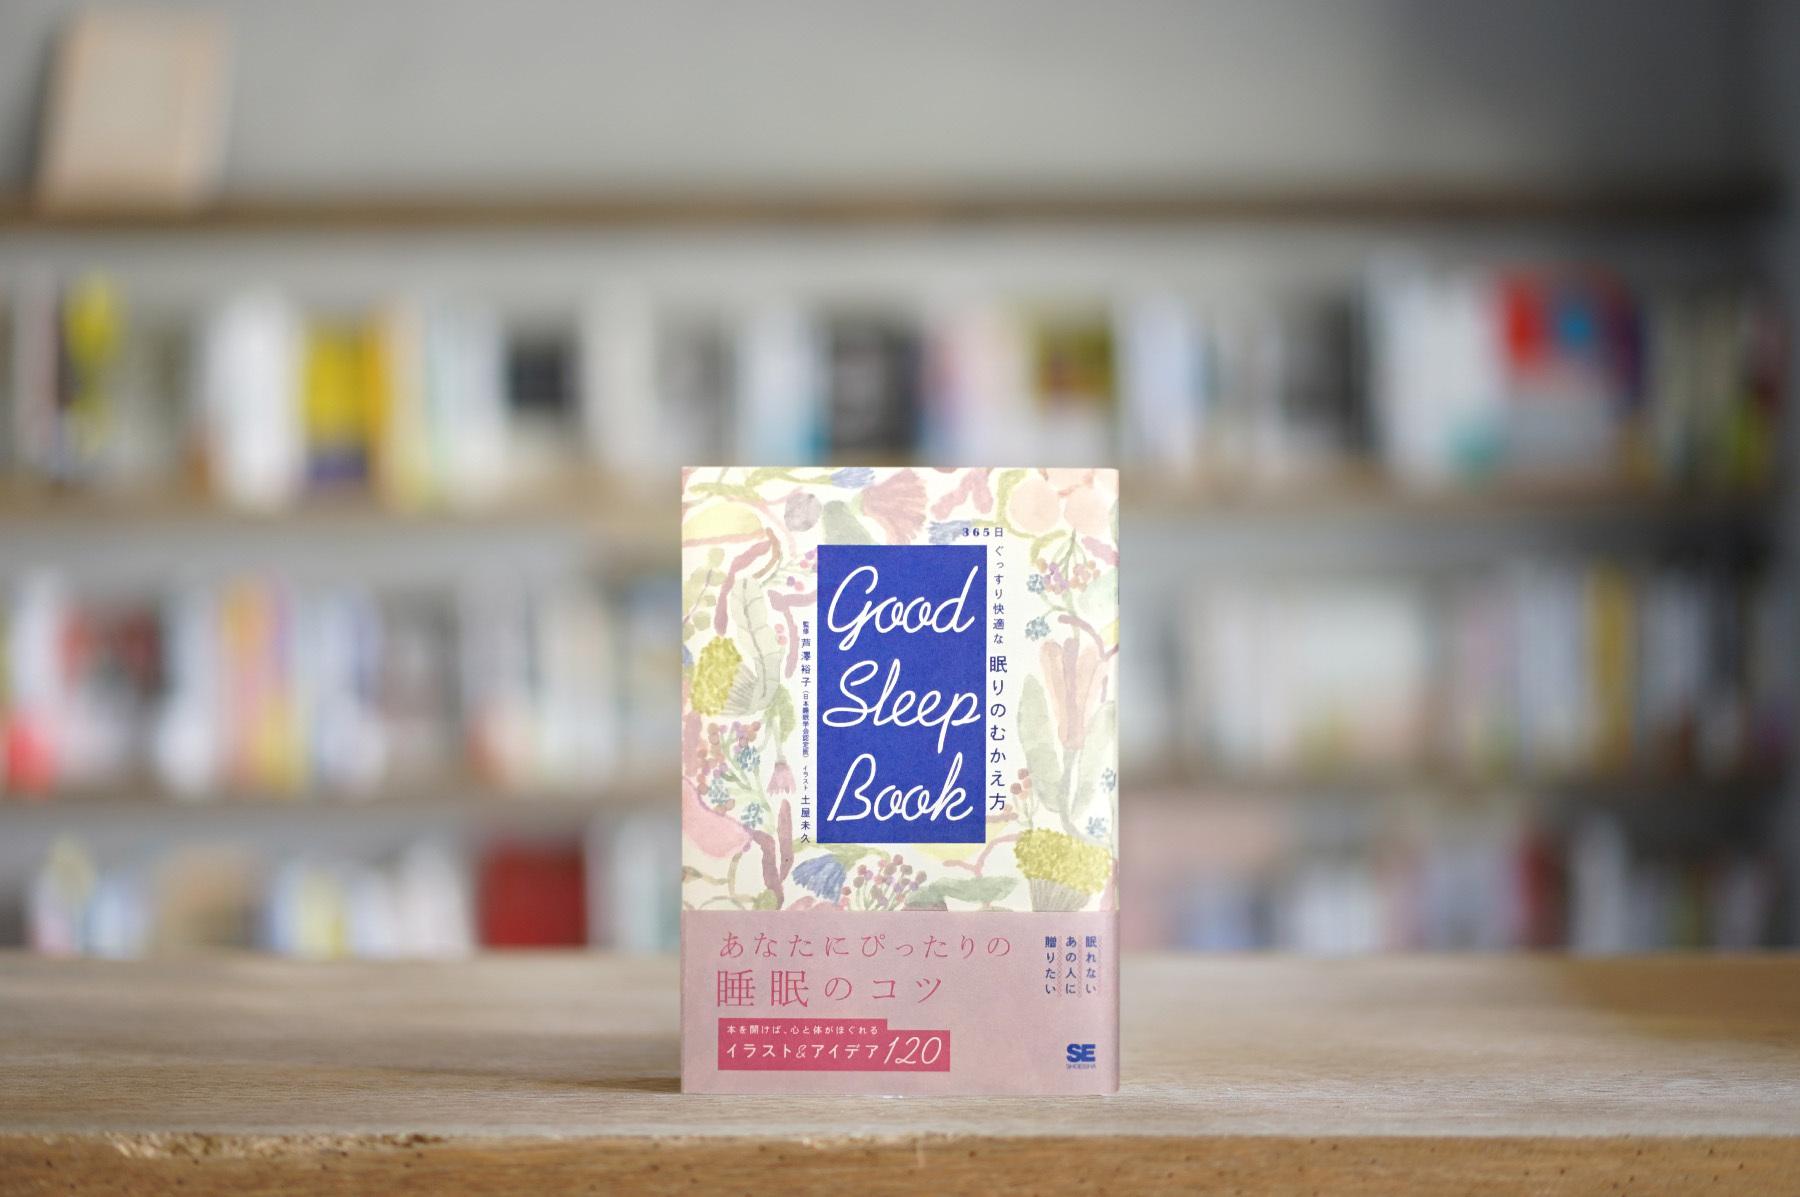 芦澤裕子 『GOOD SLEEP BOOK 365日ぐっすり快適な 眠りのむかえ方』 (翔泳社、2019)